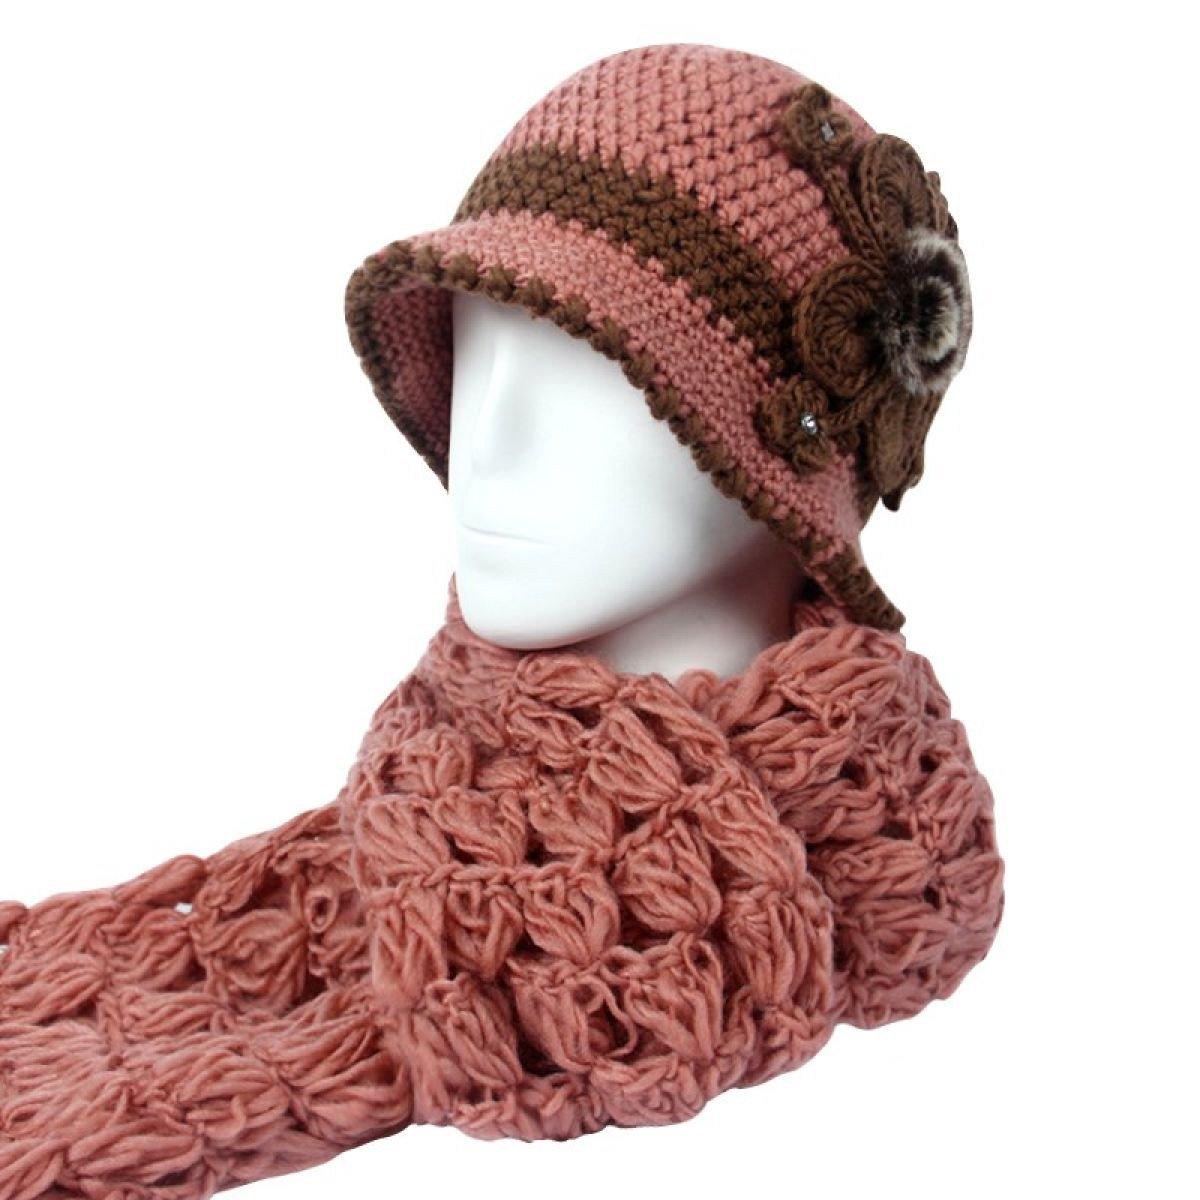 レディース帽子スカーフツーピースセット冬暖かいThickeningアウトドアColdツーピース OneSize ピンク 88899 B078NNF881  ピンク OneSize